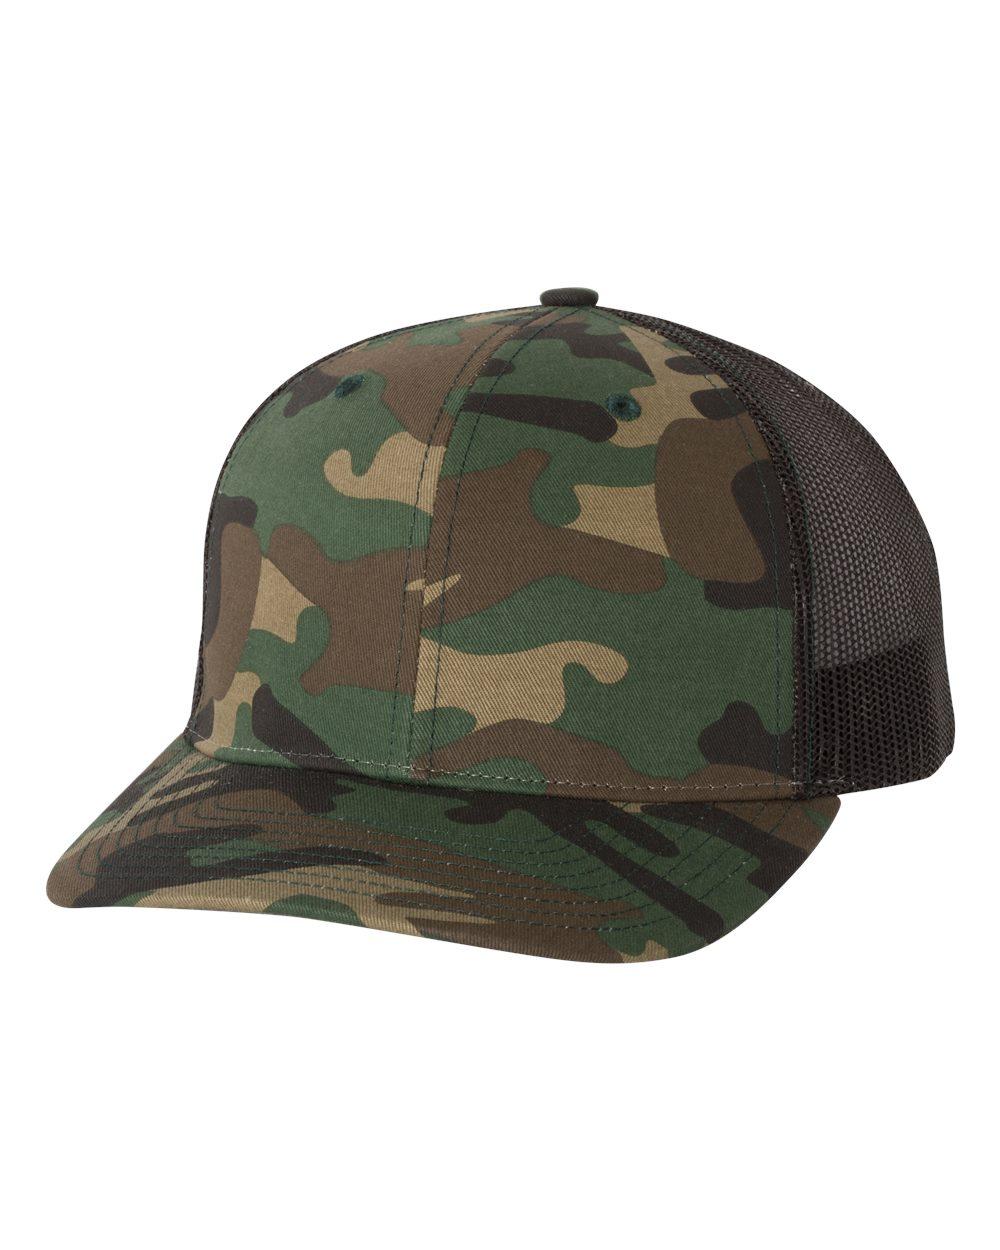 2a4f3016672a8 Richardson 112P - Patterned Snapback Trucker Cap  6.00 - Headwear